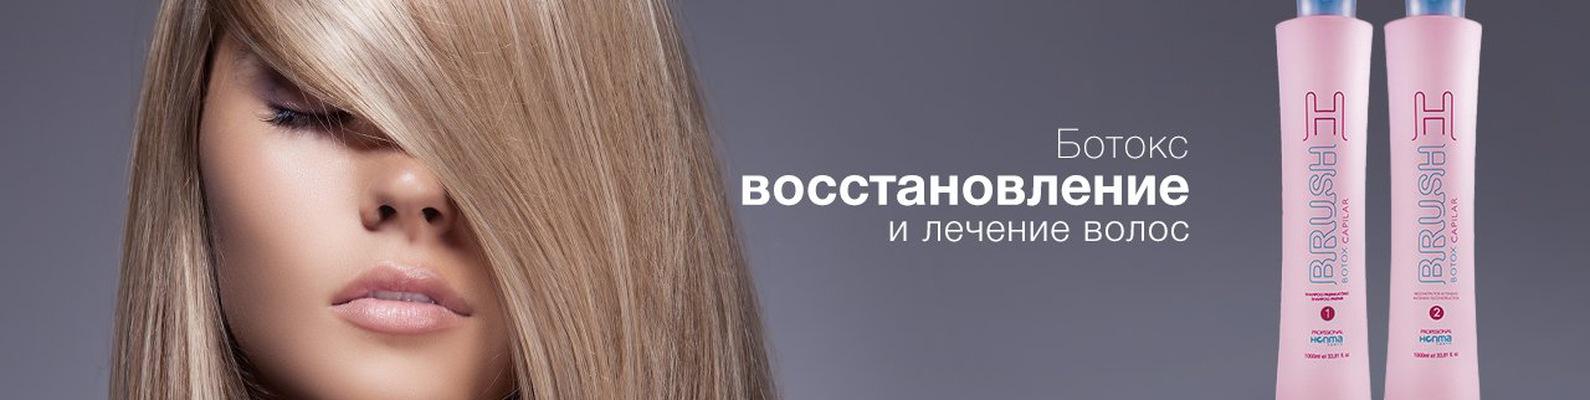 Отличие ботокса для волос от кератинового выпрямления